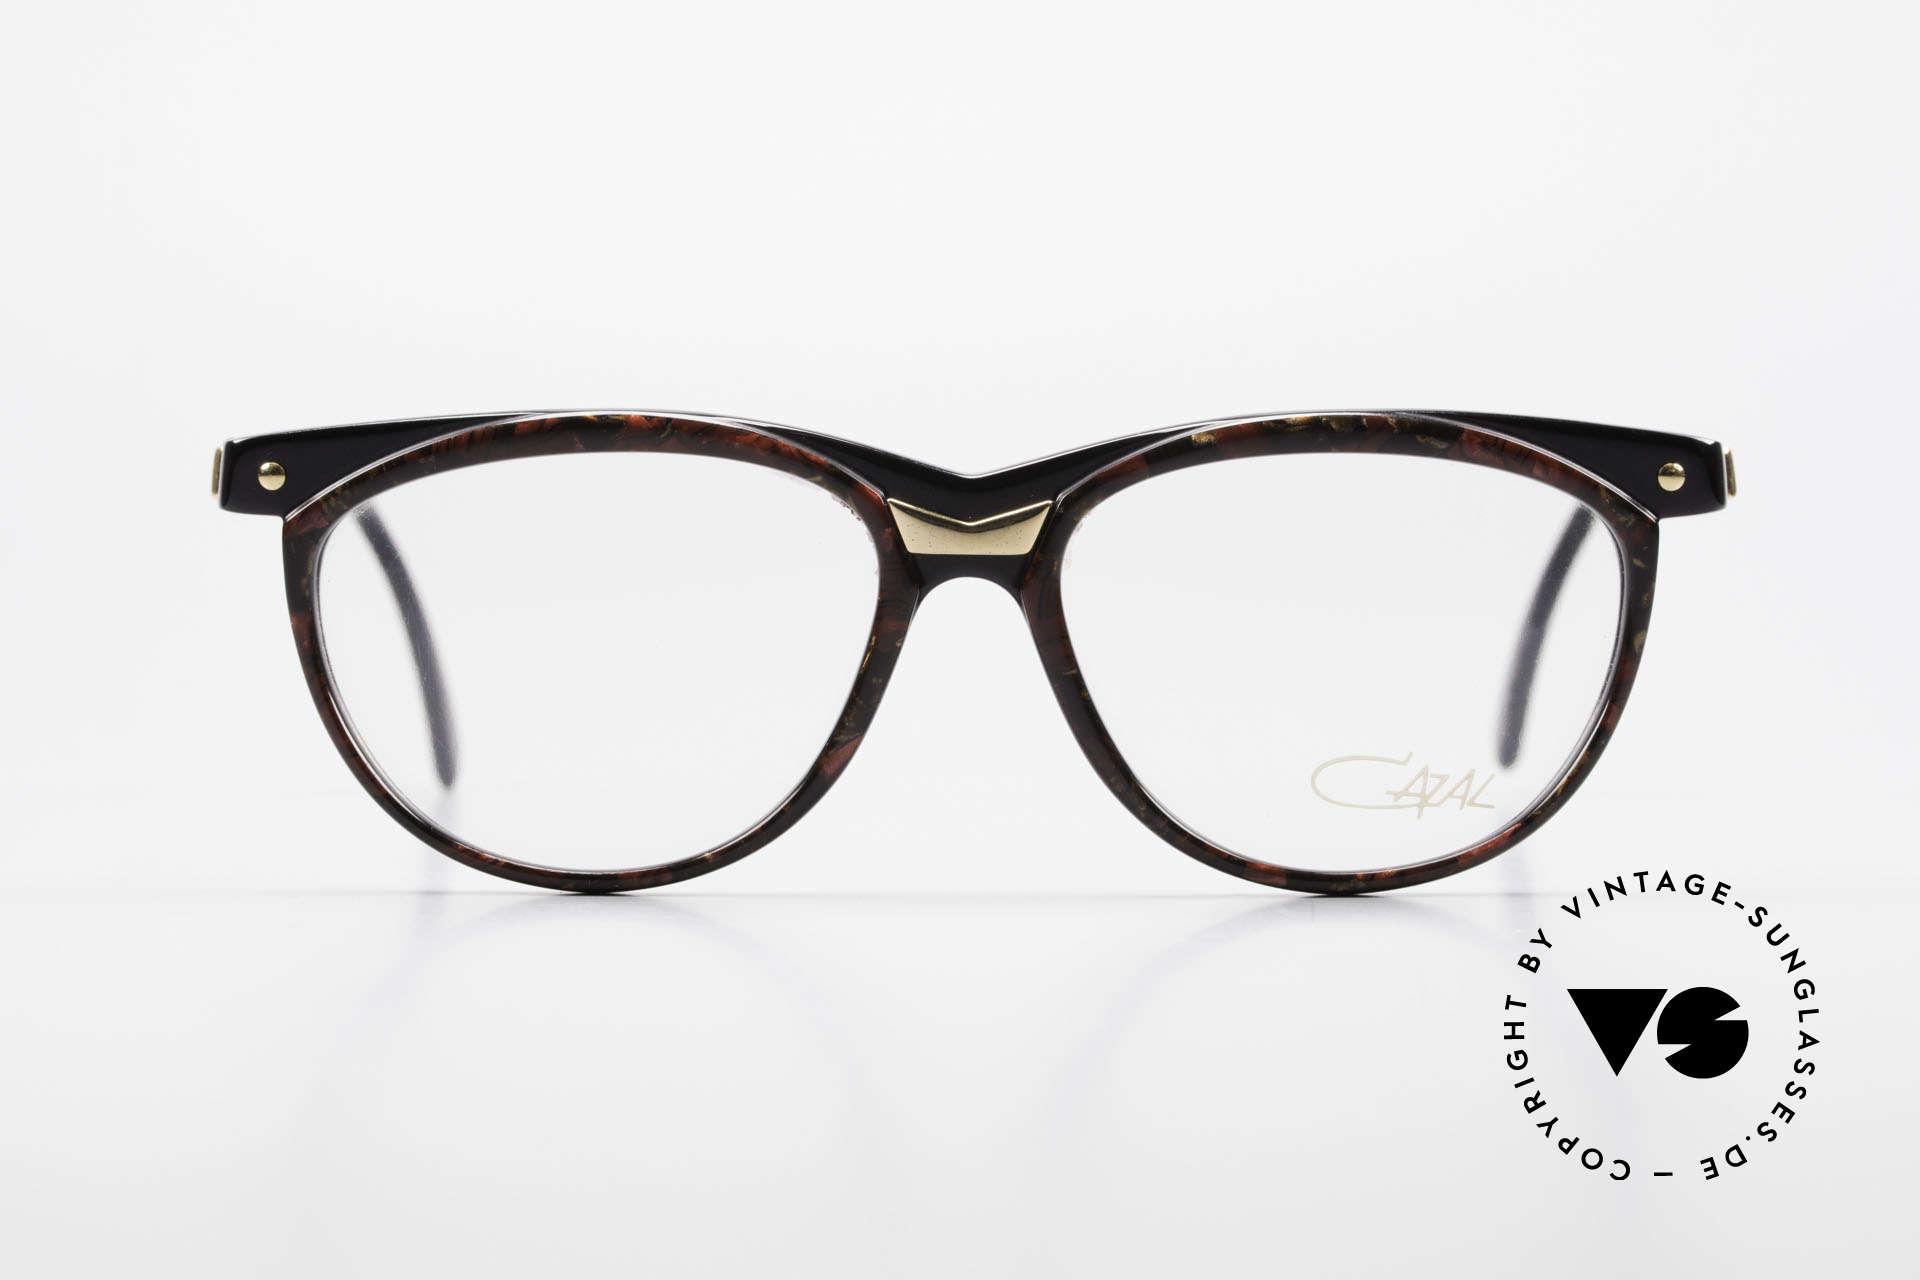 Cazal 331 True Vintage Designer Brille, produziert damals circa 1989/90 in Passau, Bayern, Passend für Herren und Damen